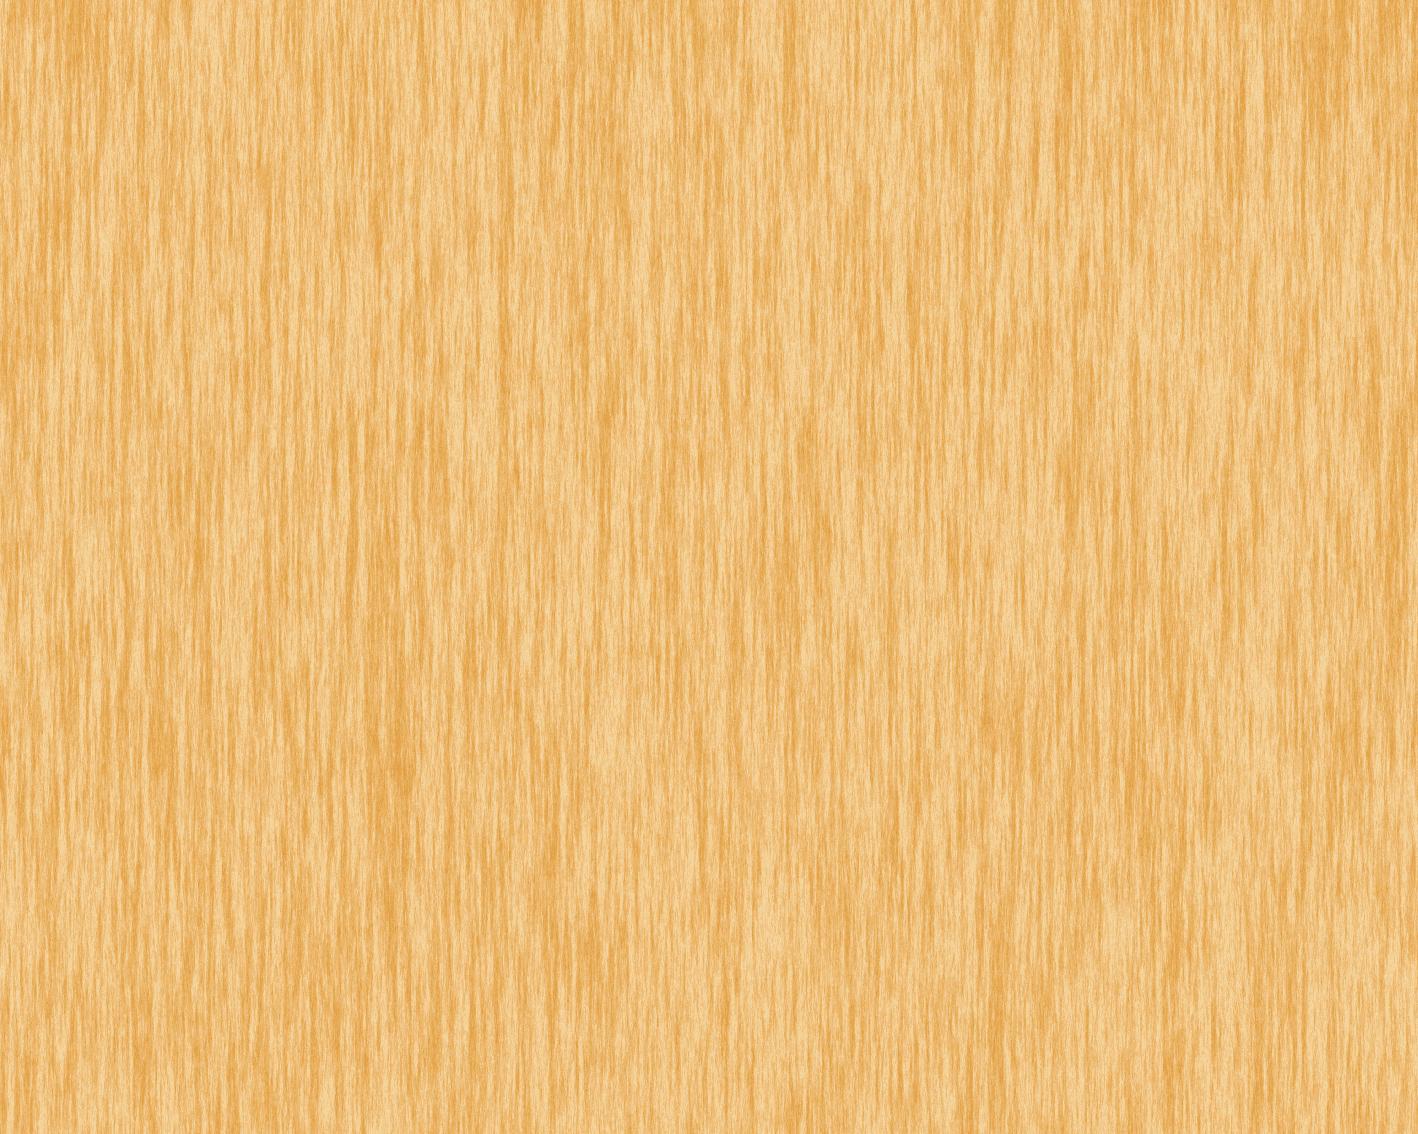 _wood-01